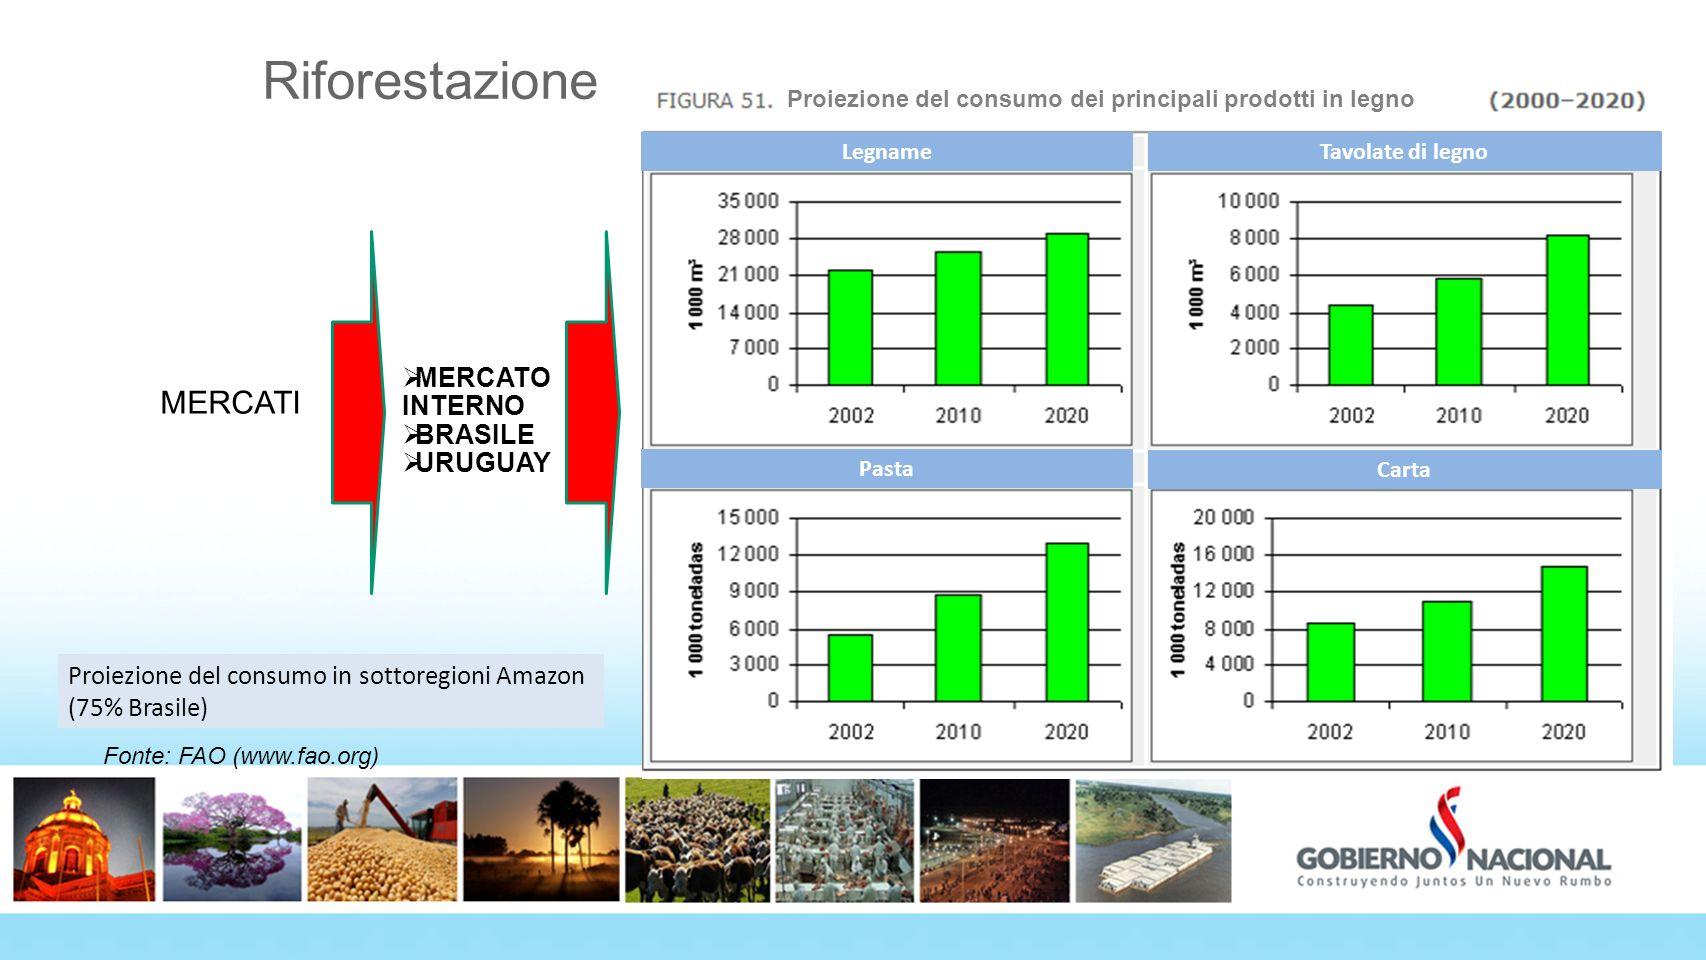 Riforestazione MERCATI MERCATO INTERNO BRASILE URUGUAY